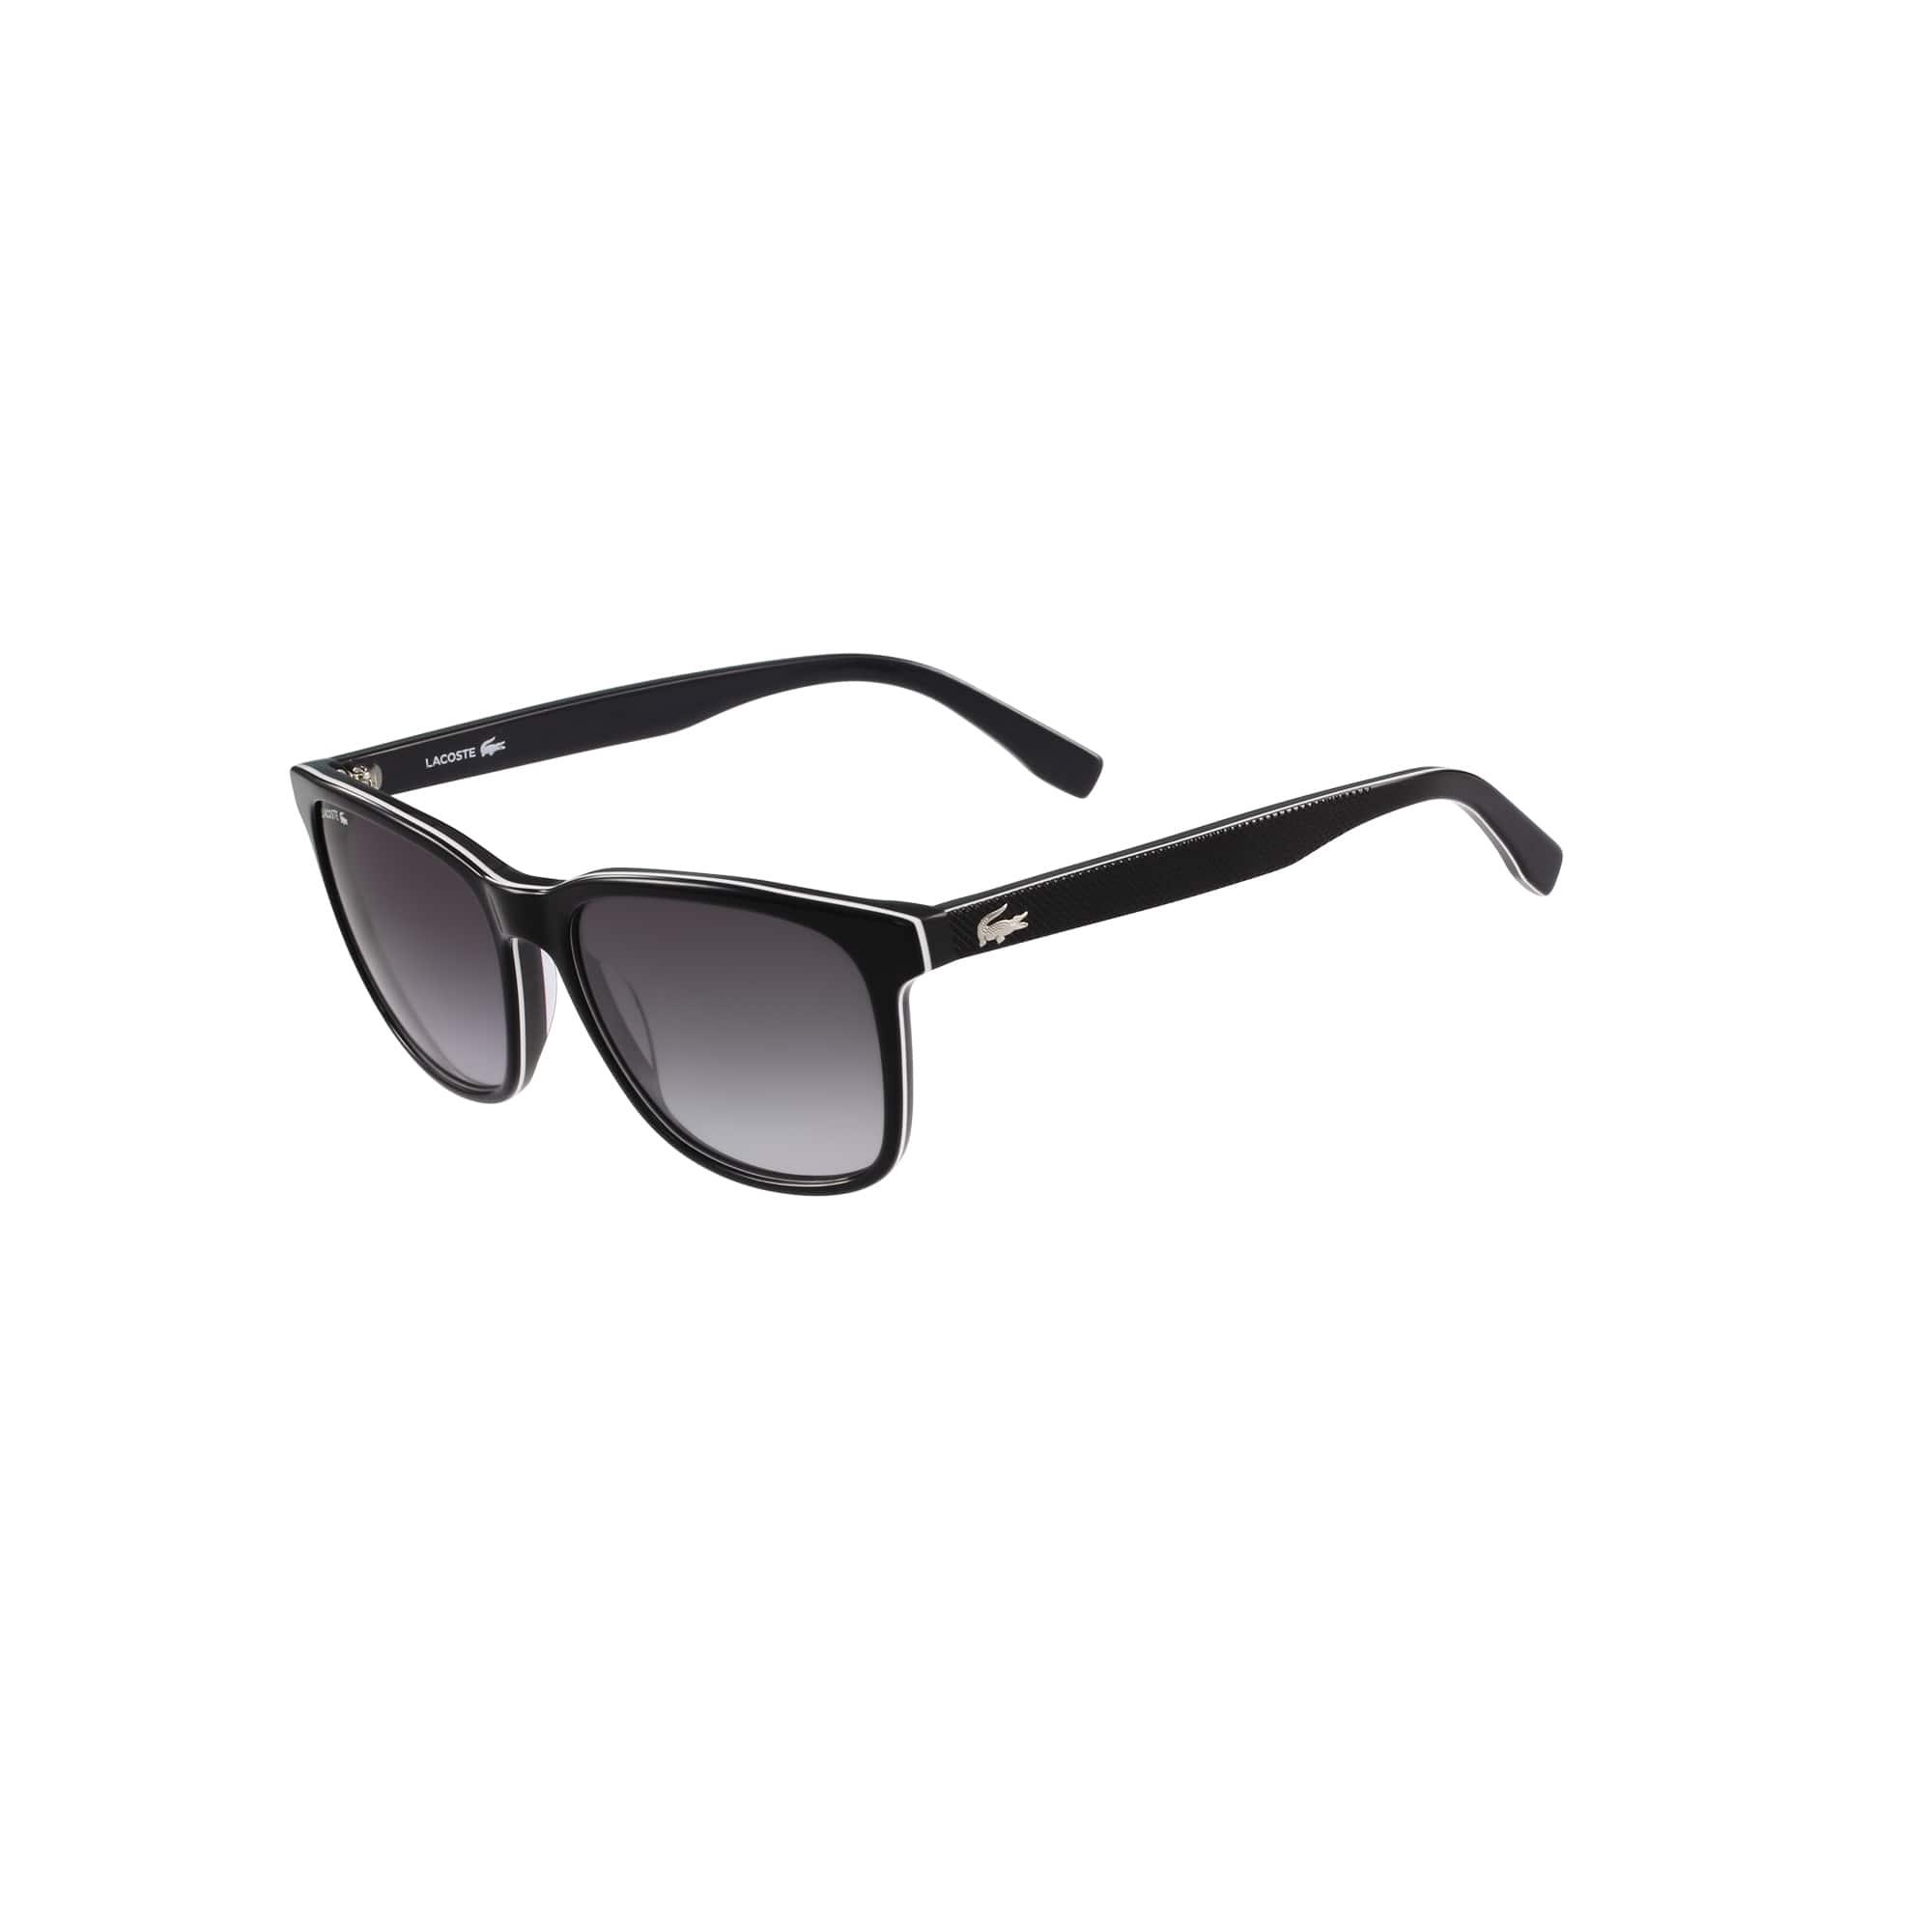 Unisex Multilayer Piqué Sunglasses 515188c9ee